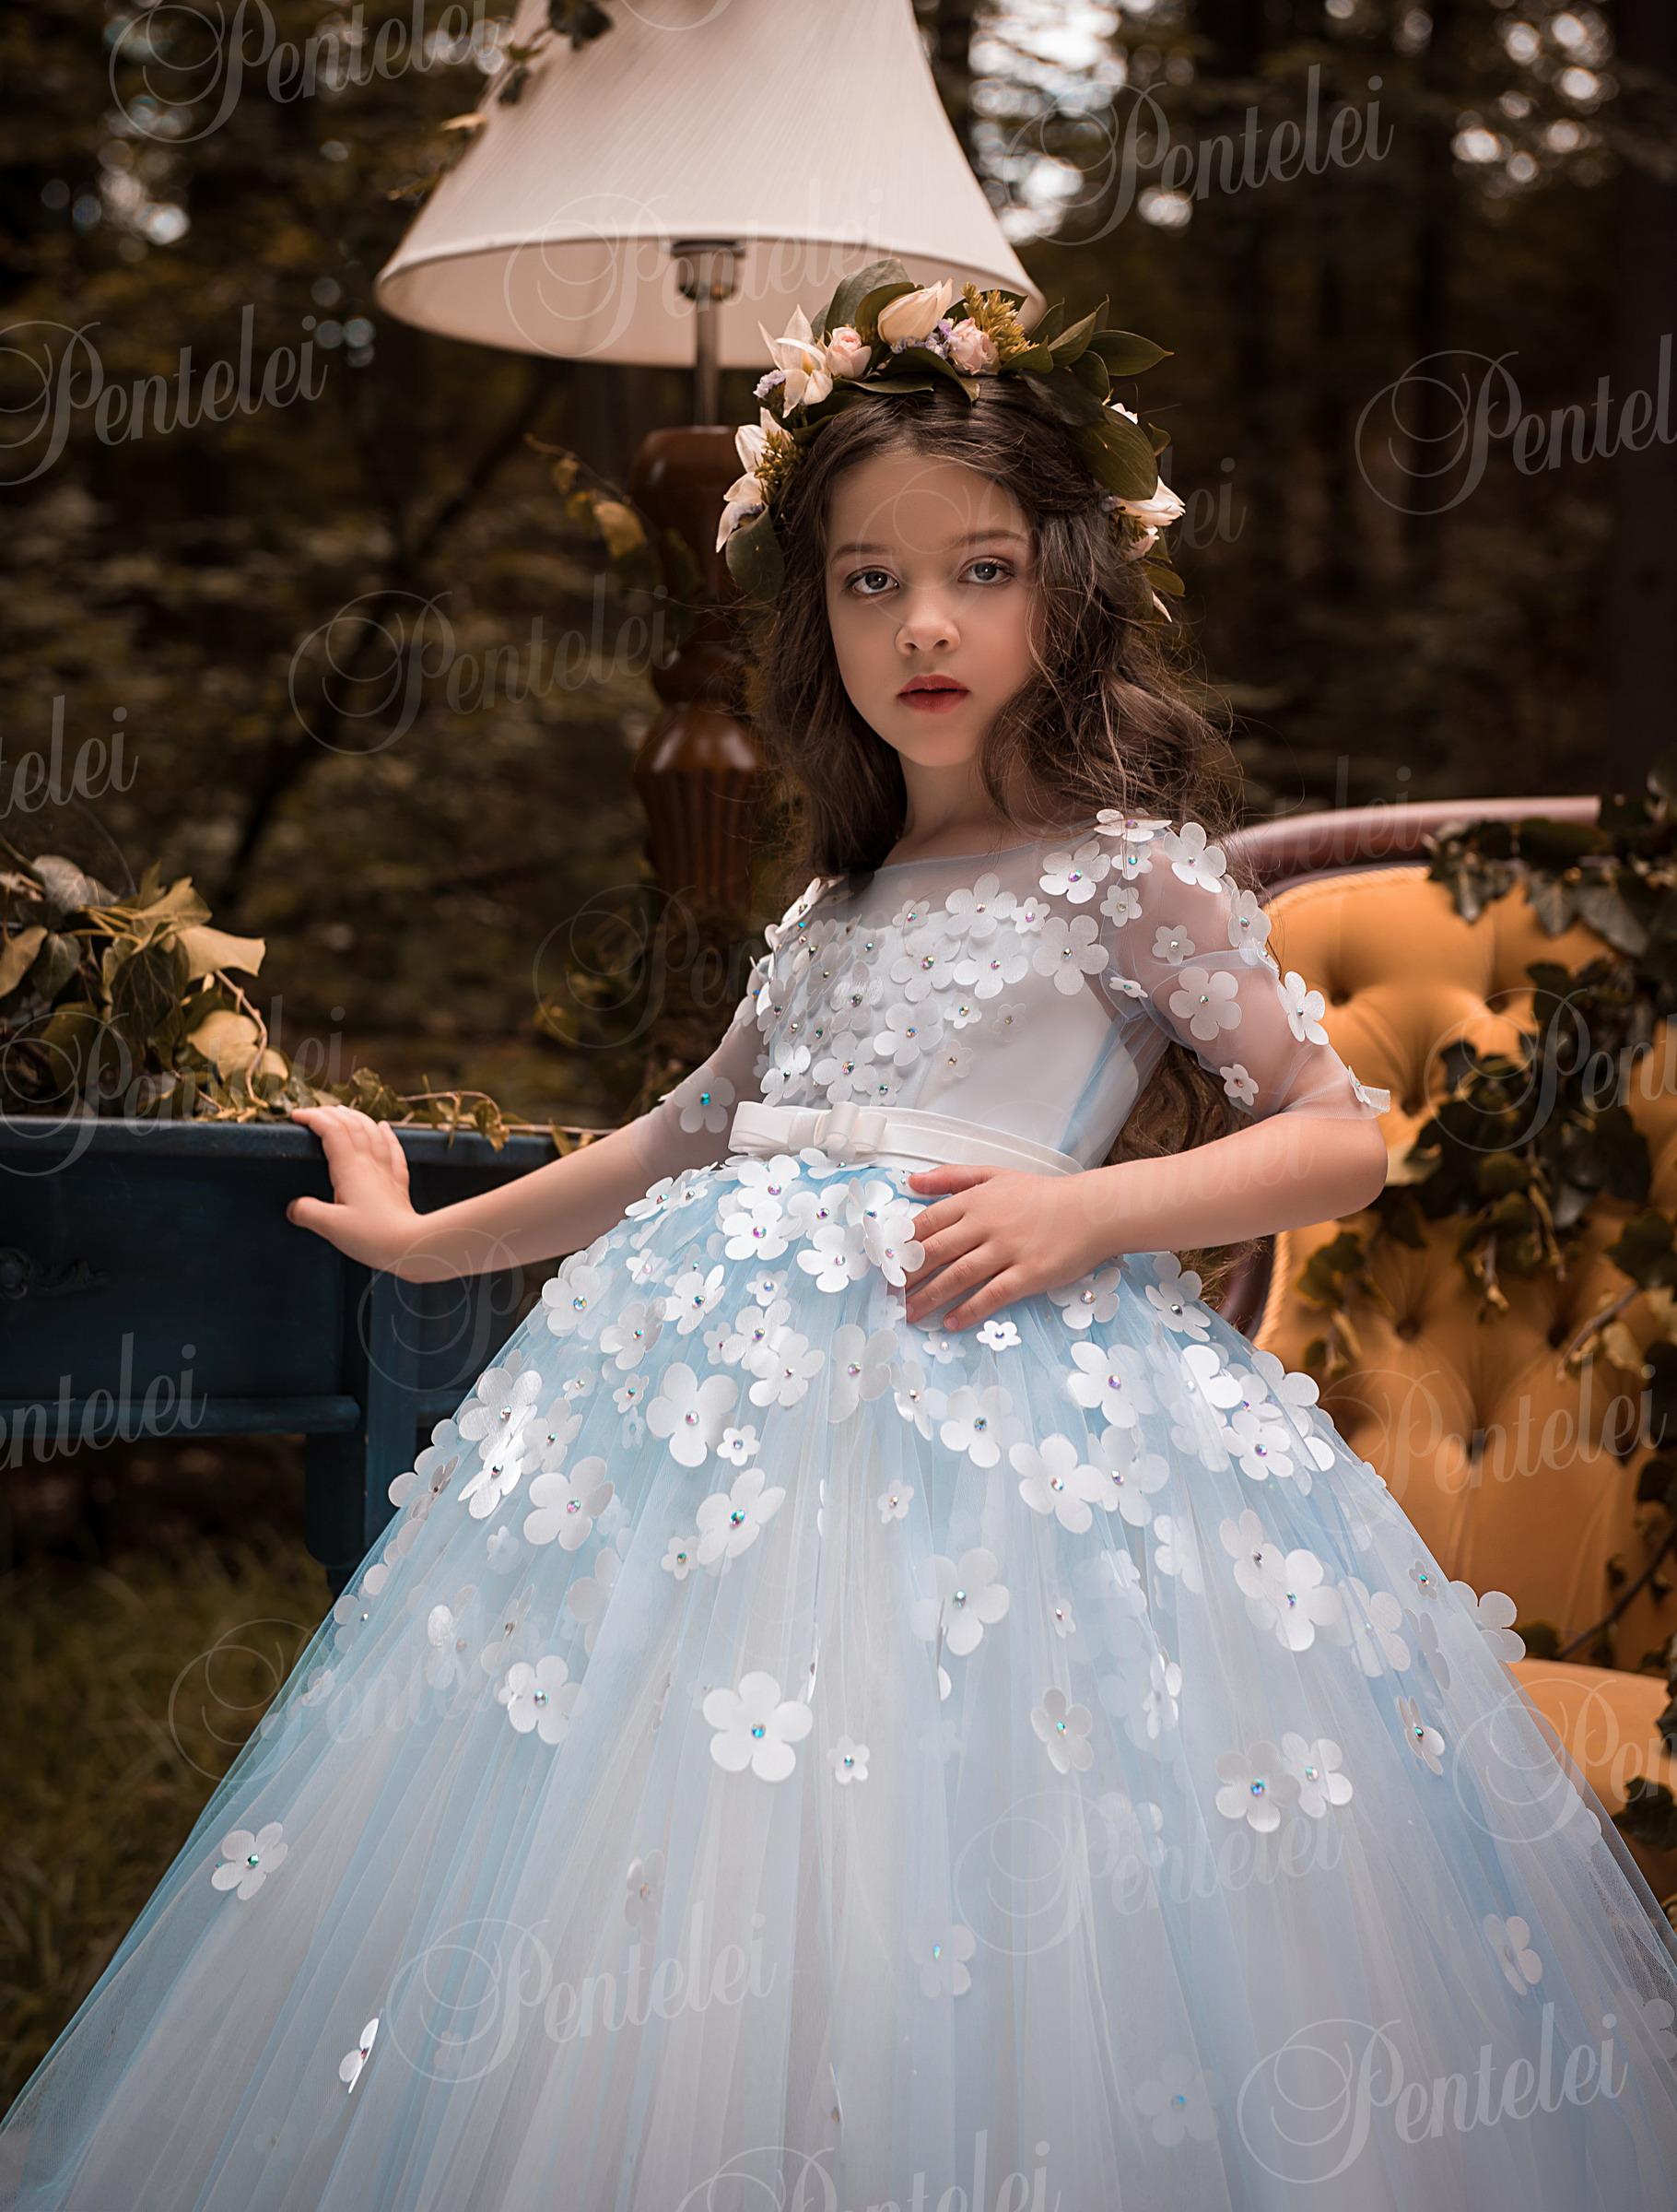 ad1fffc93bbad6 2101 | Купити дитячі сукні оптом від Pentelei